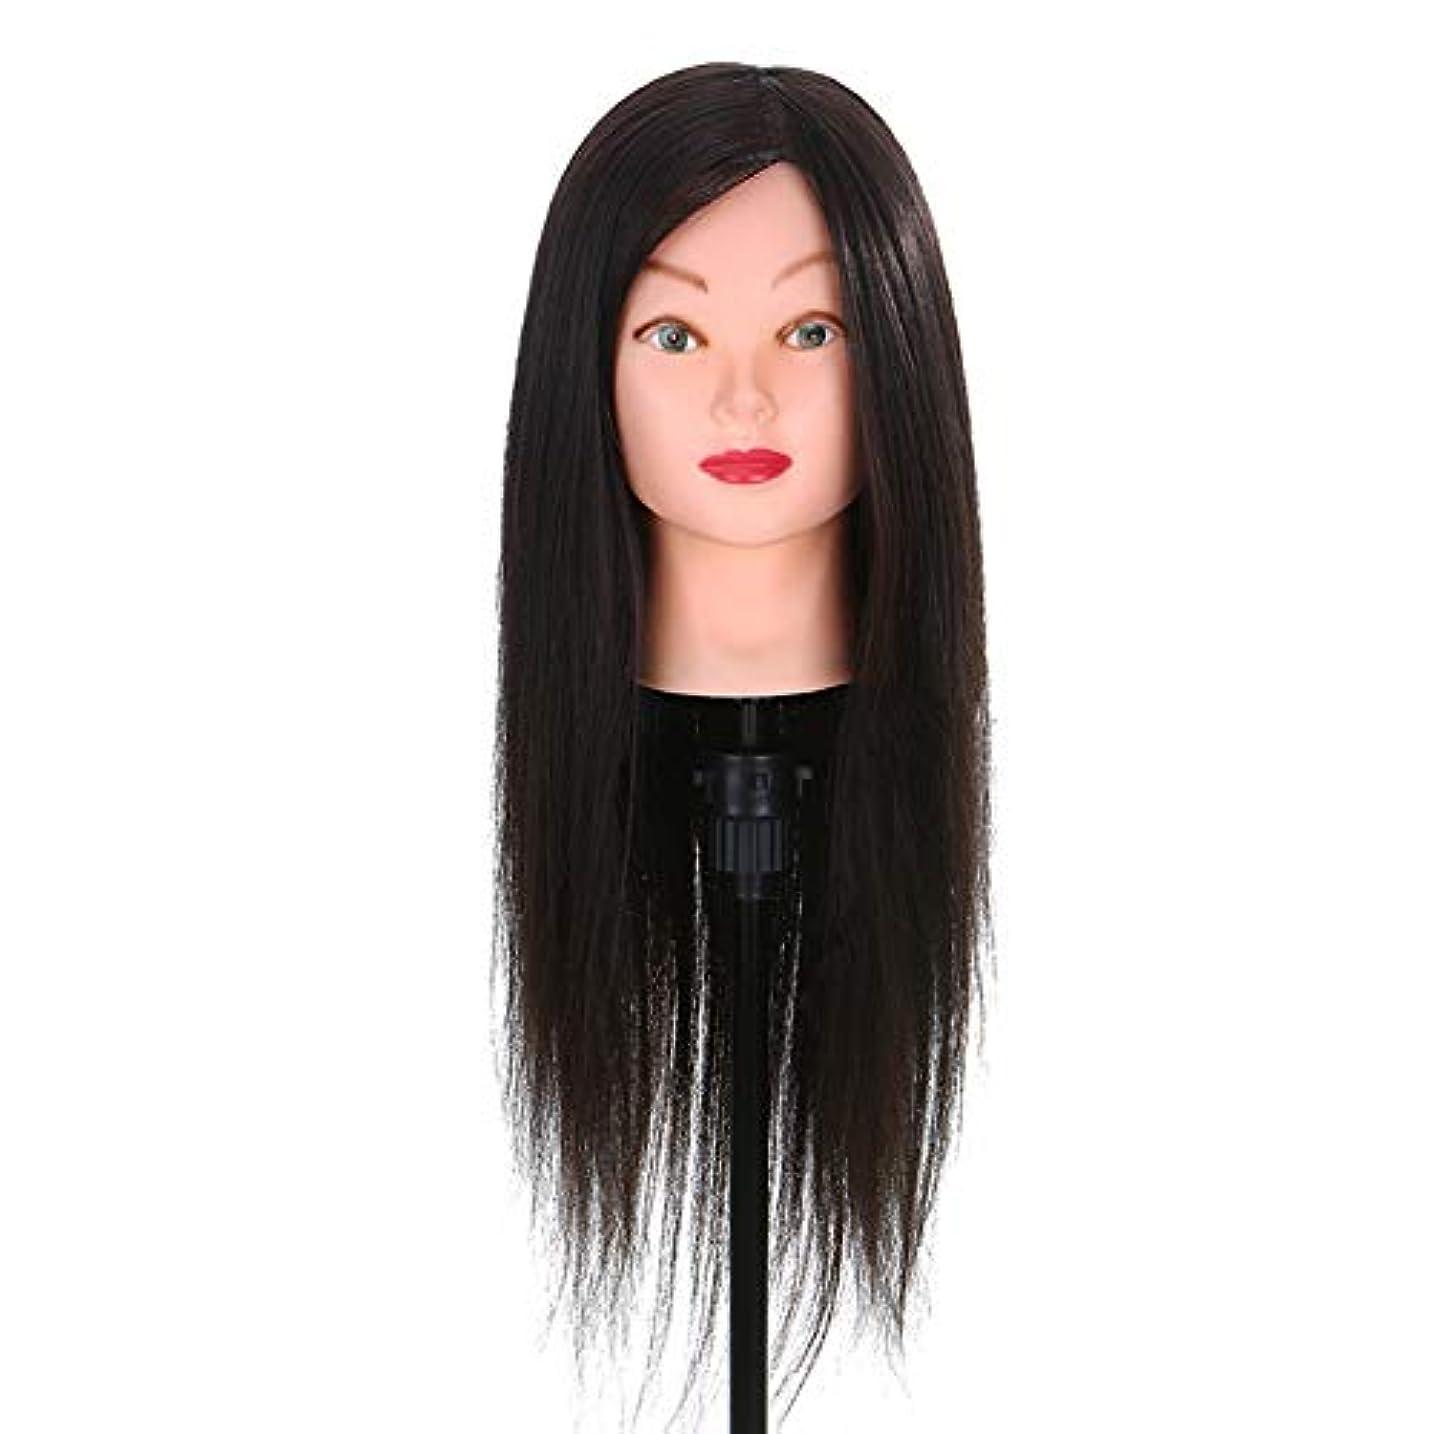 シャンパンスナッチ全体に練習ディスク髪編組ヘアモデル理髪店スクールティーチングヘッドロングかつら美容マネキンヘッドブラケット